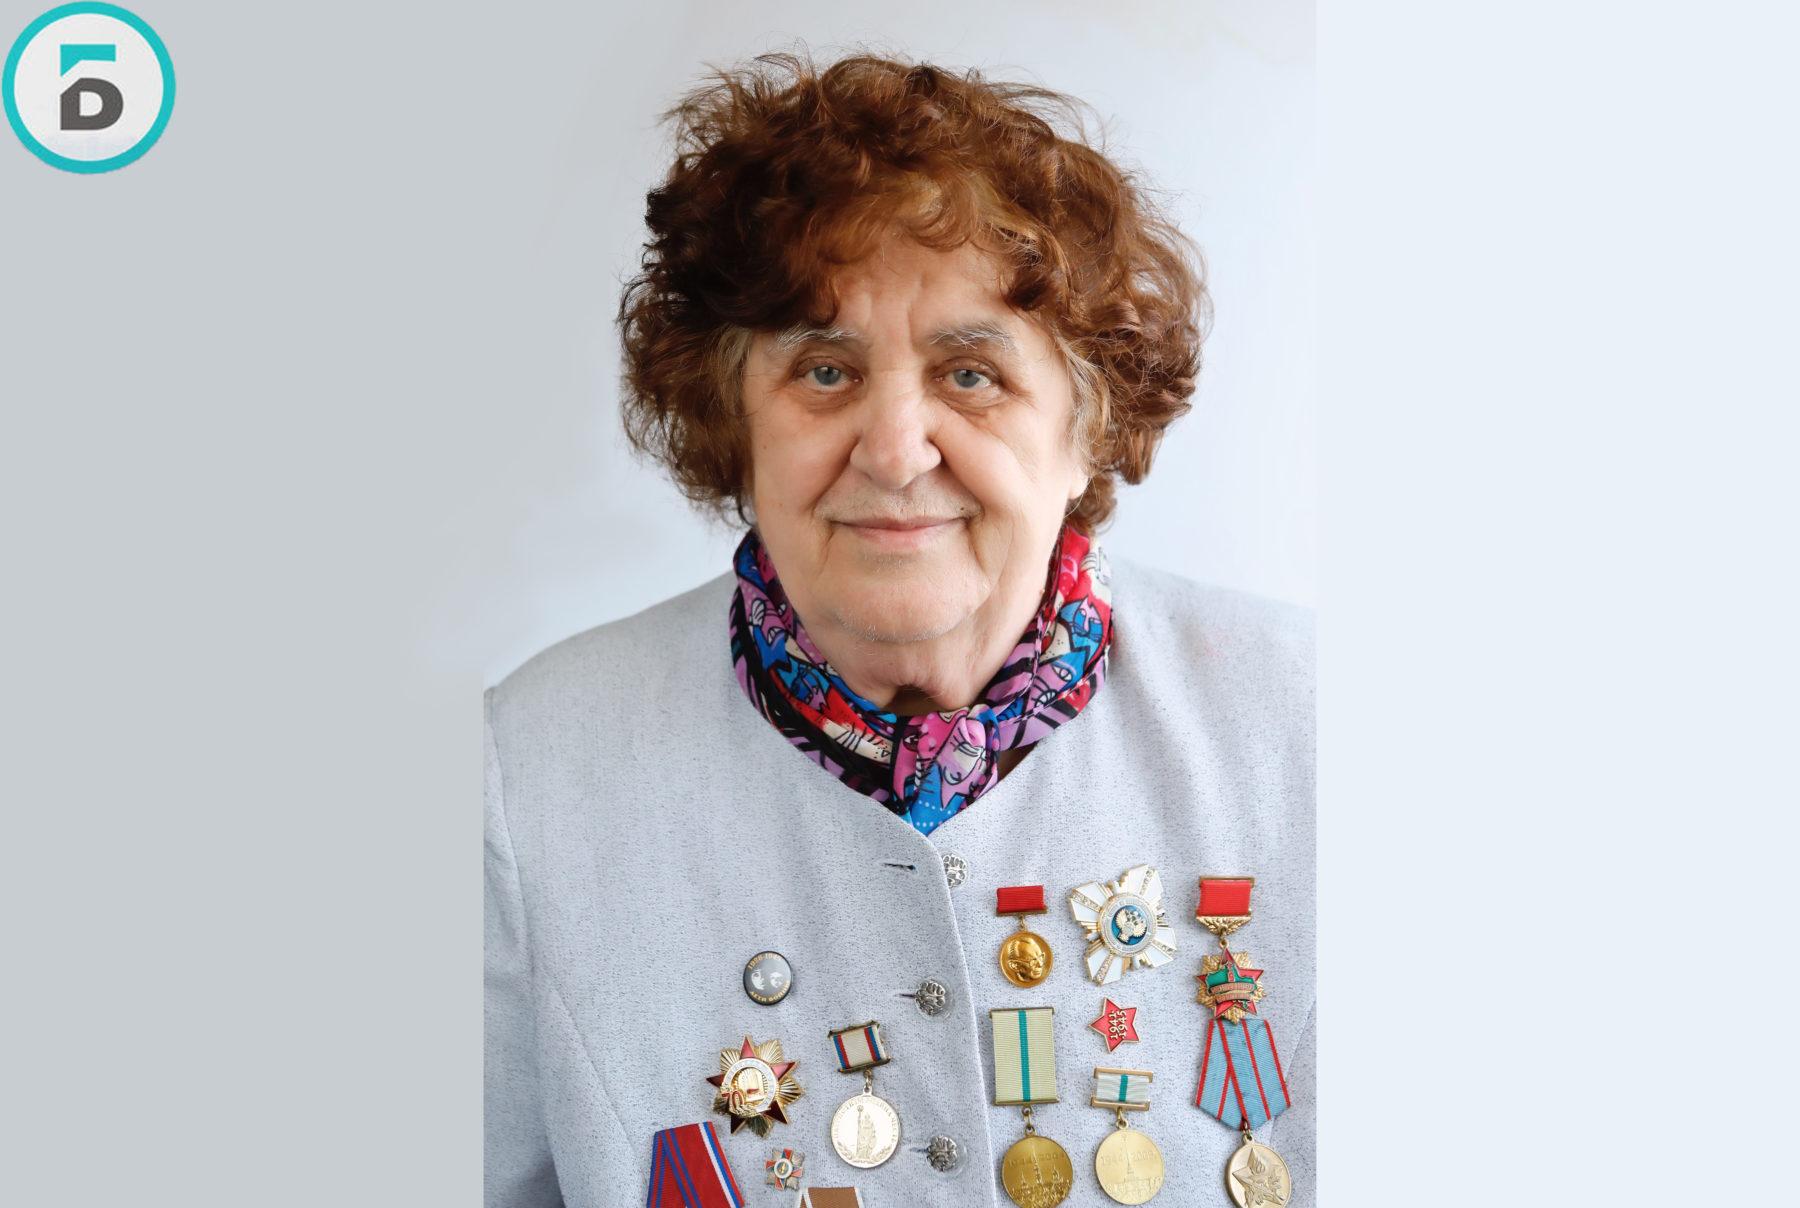 Блокадница Галина Клюкина отметила 82-летие в Балашихе